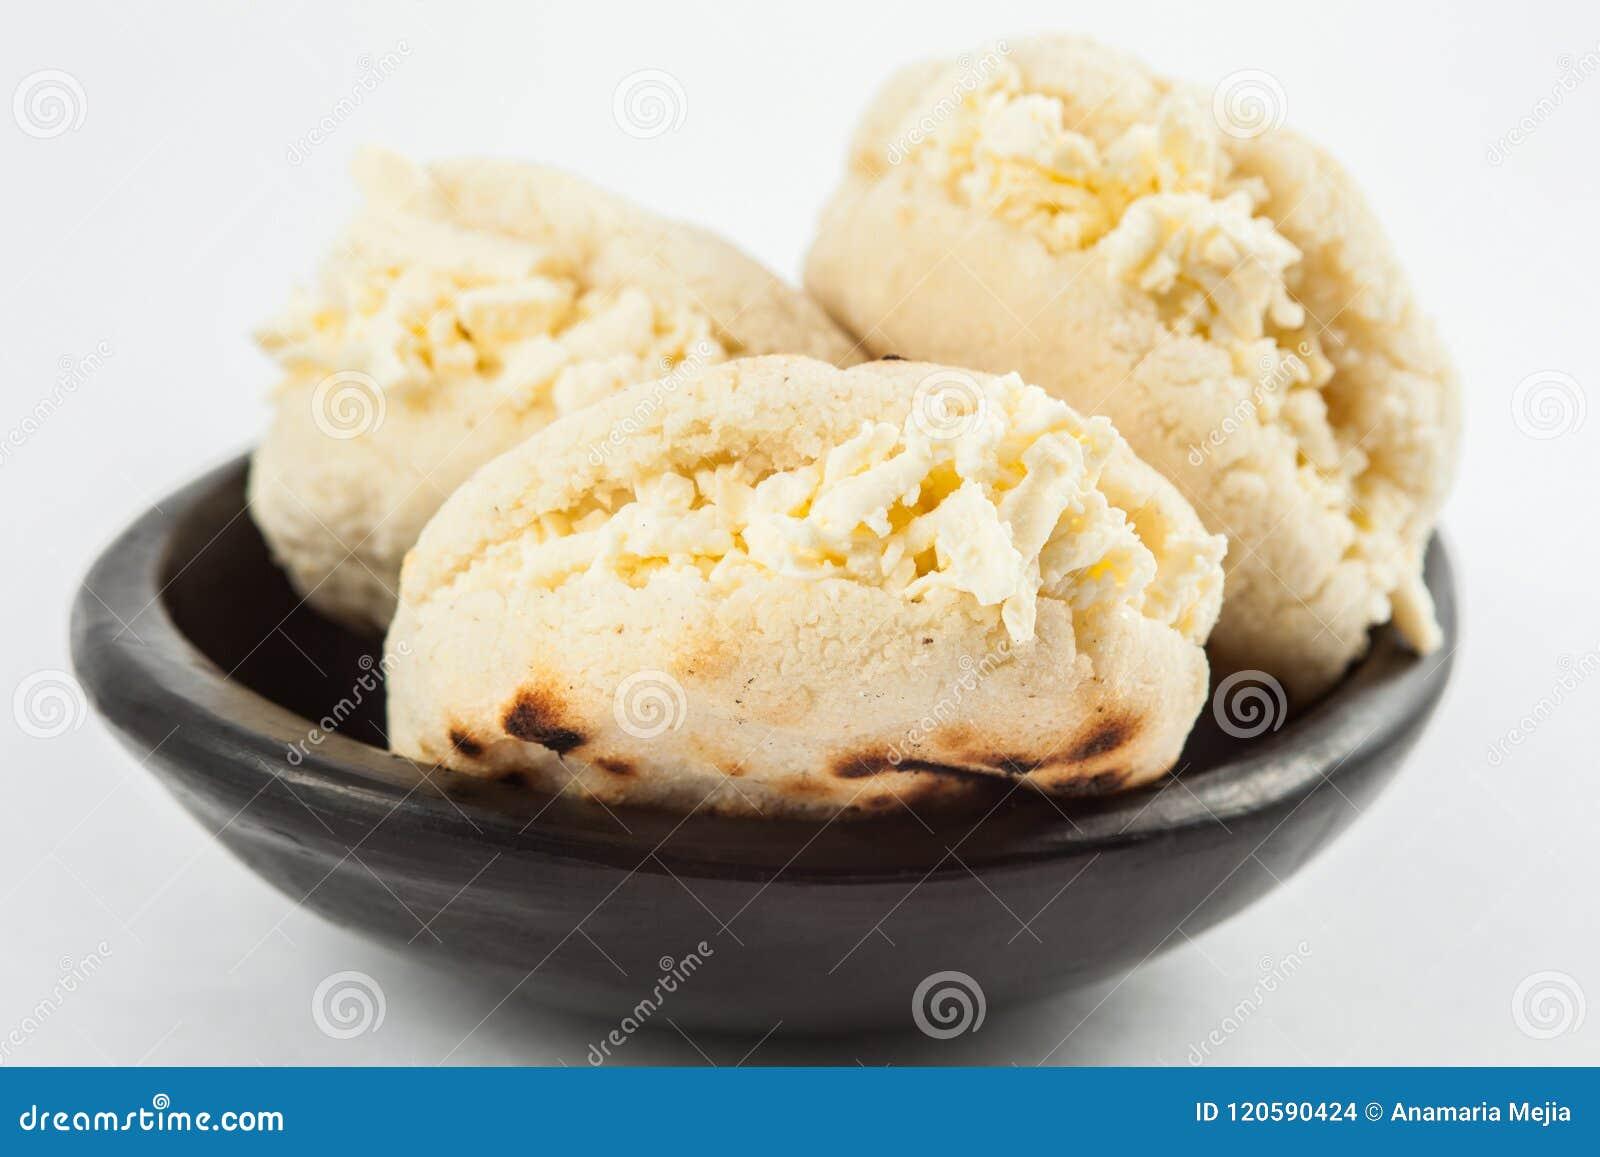 Arepa Blanco Tradicional Colombiano Del Maiz Relleno Con Queso Rallado Foto De Archivo Imagen De Queso Rallado 120590424